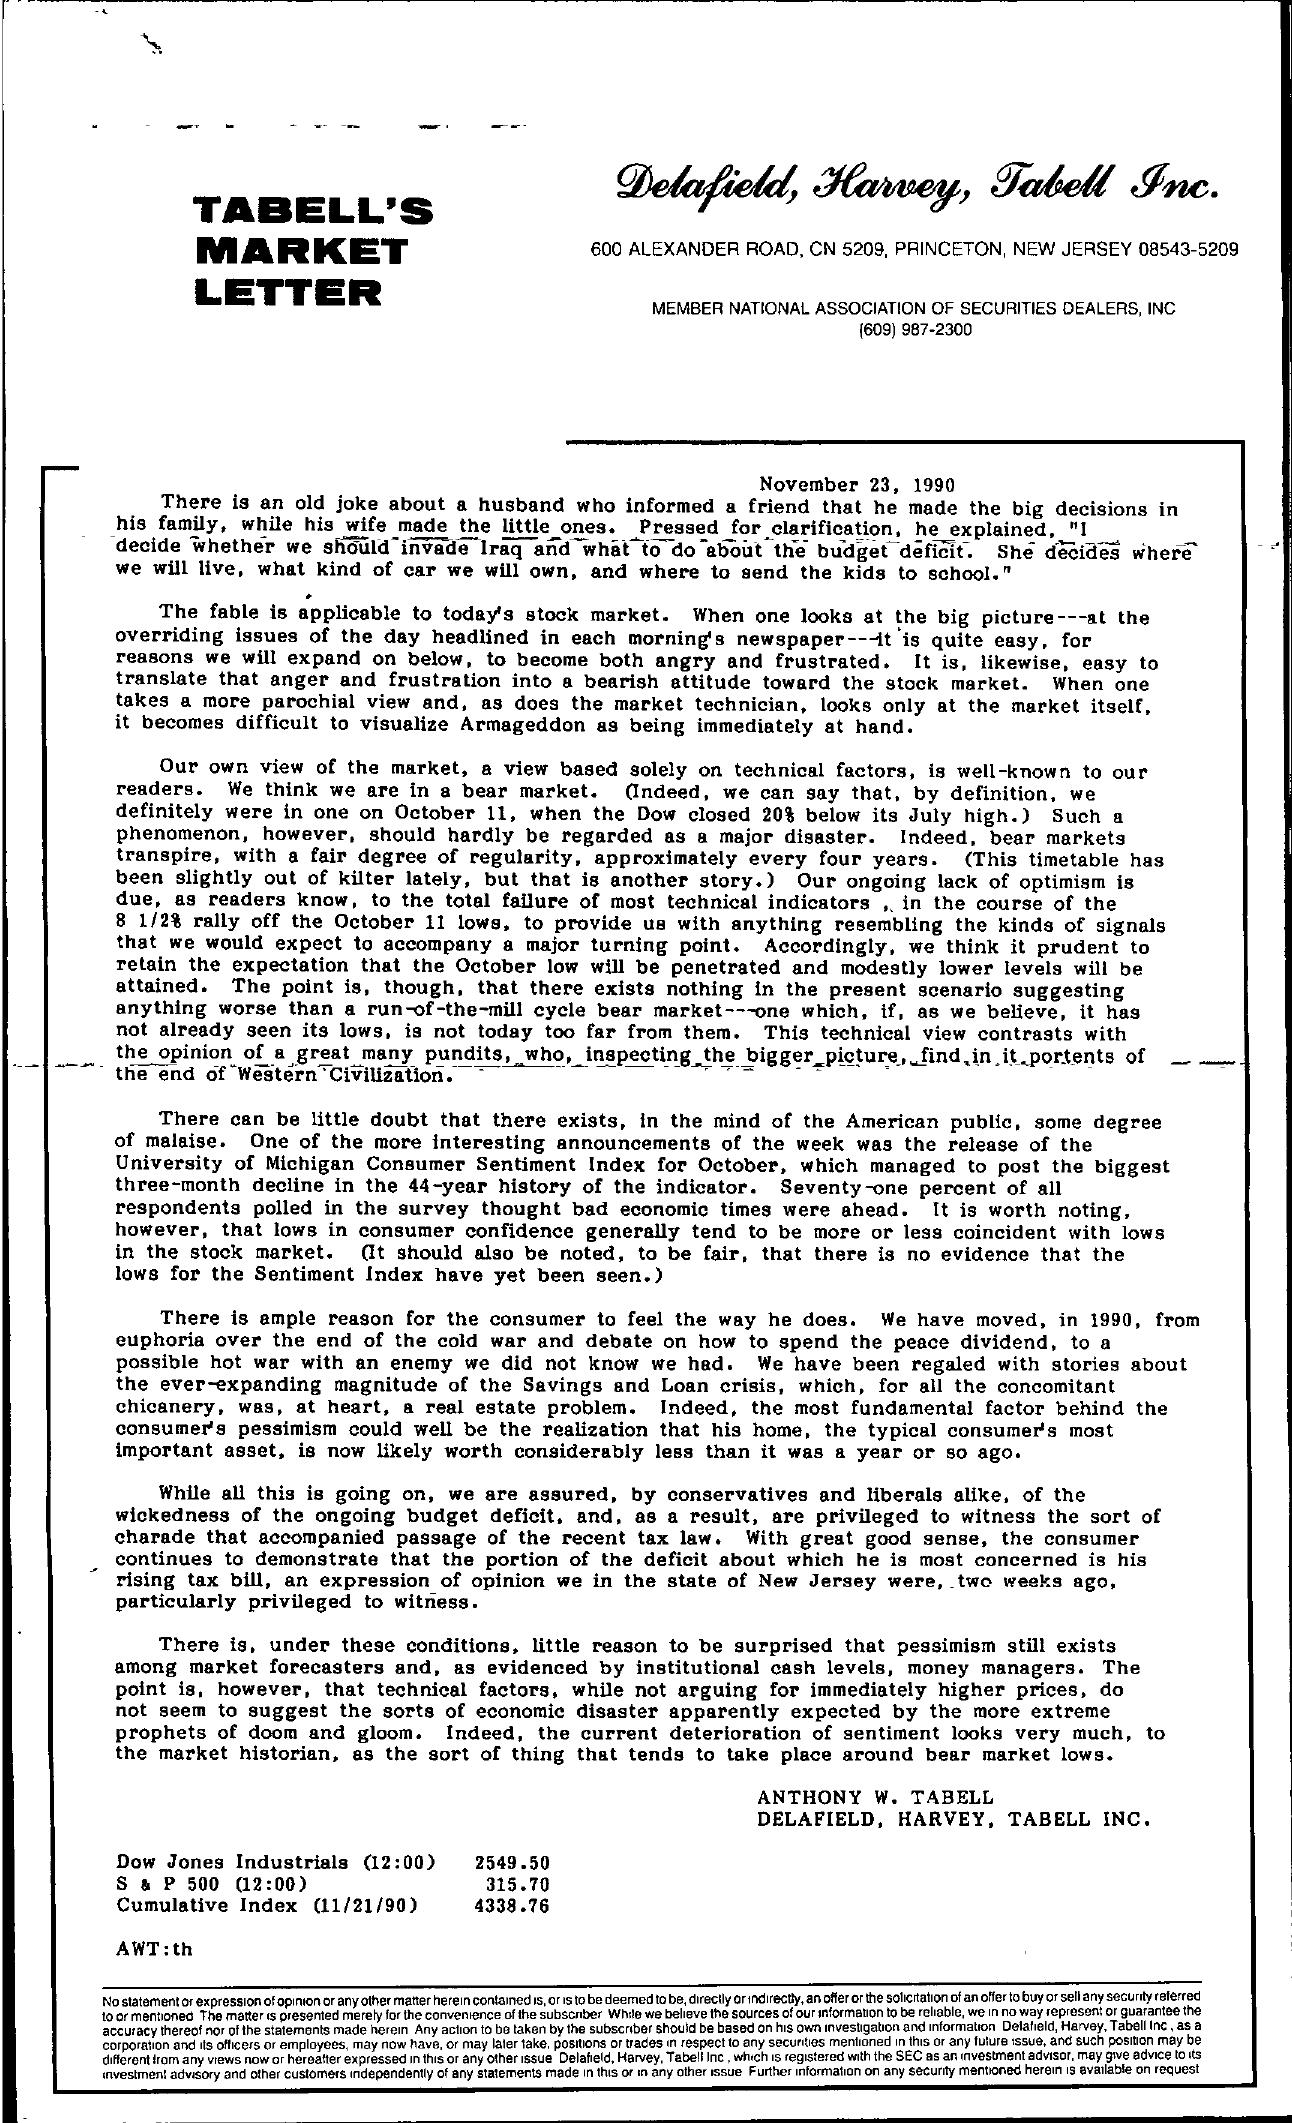 Tabell's Market Letter - November 23, 1990